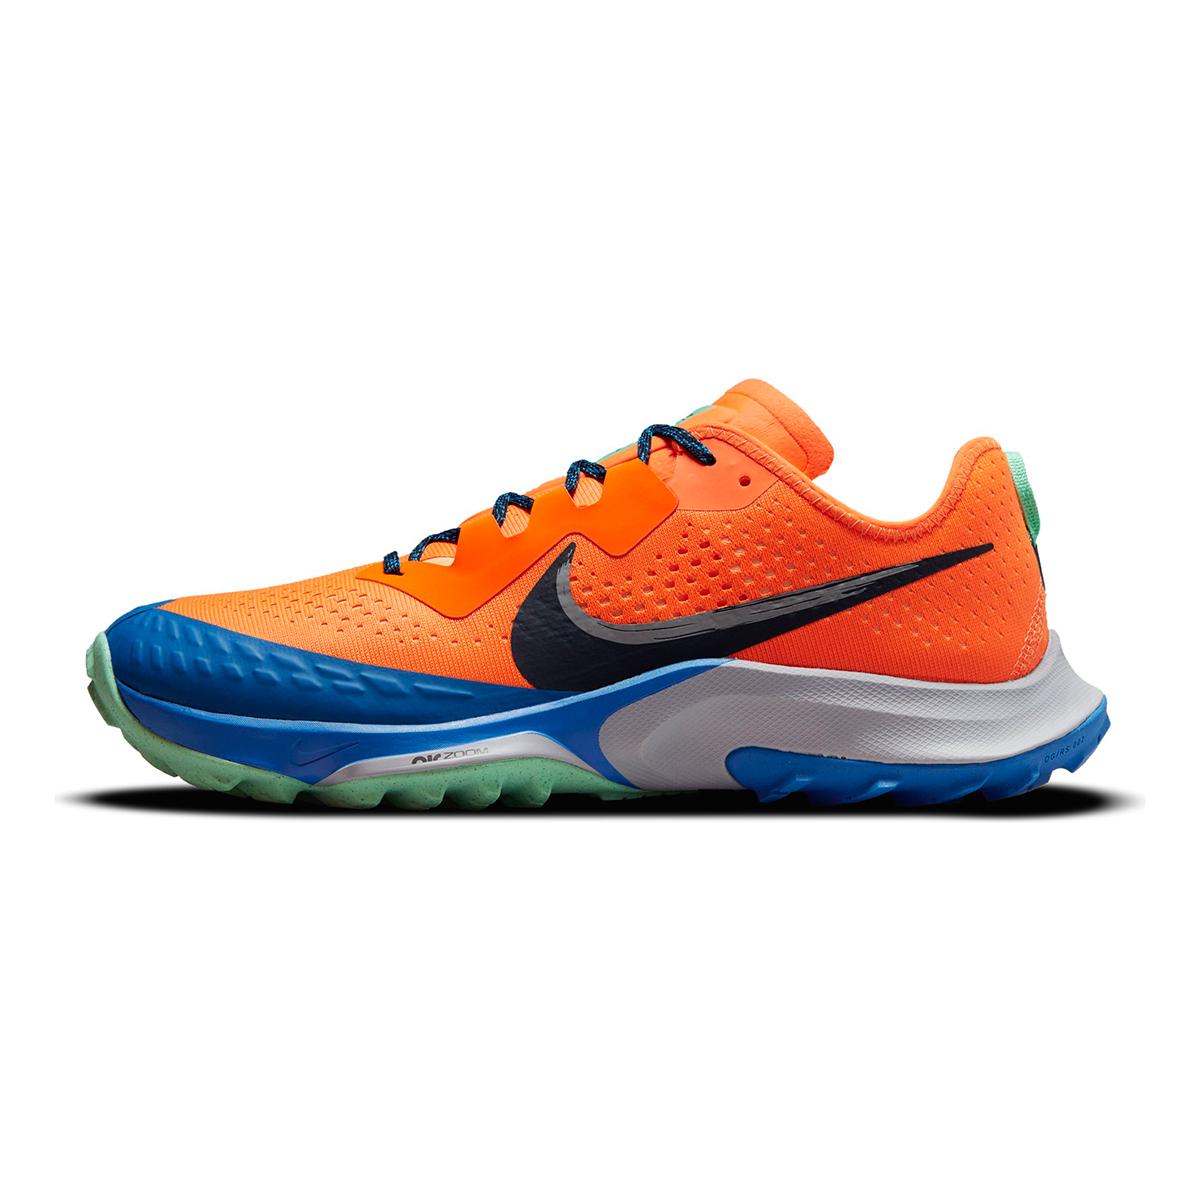 Men's Nike Air Zoom Terra Kiger 7 Trail Running Shoe - Color: Total Orange/Obsidian/Signal Blue - Size: 6 - Width: Regular, Total Orange/Obsidian/Signal Blue, large, image 2